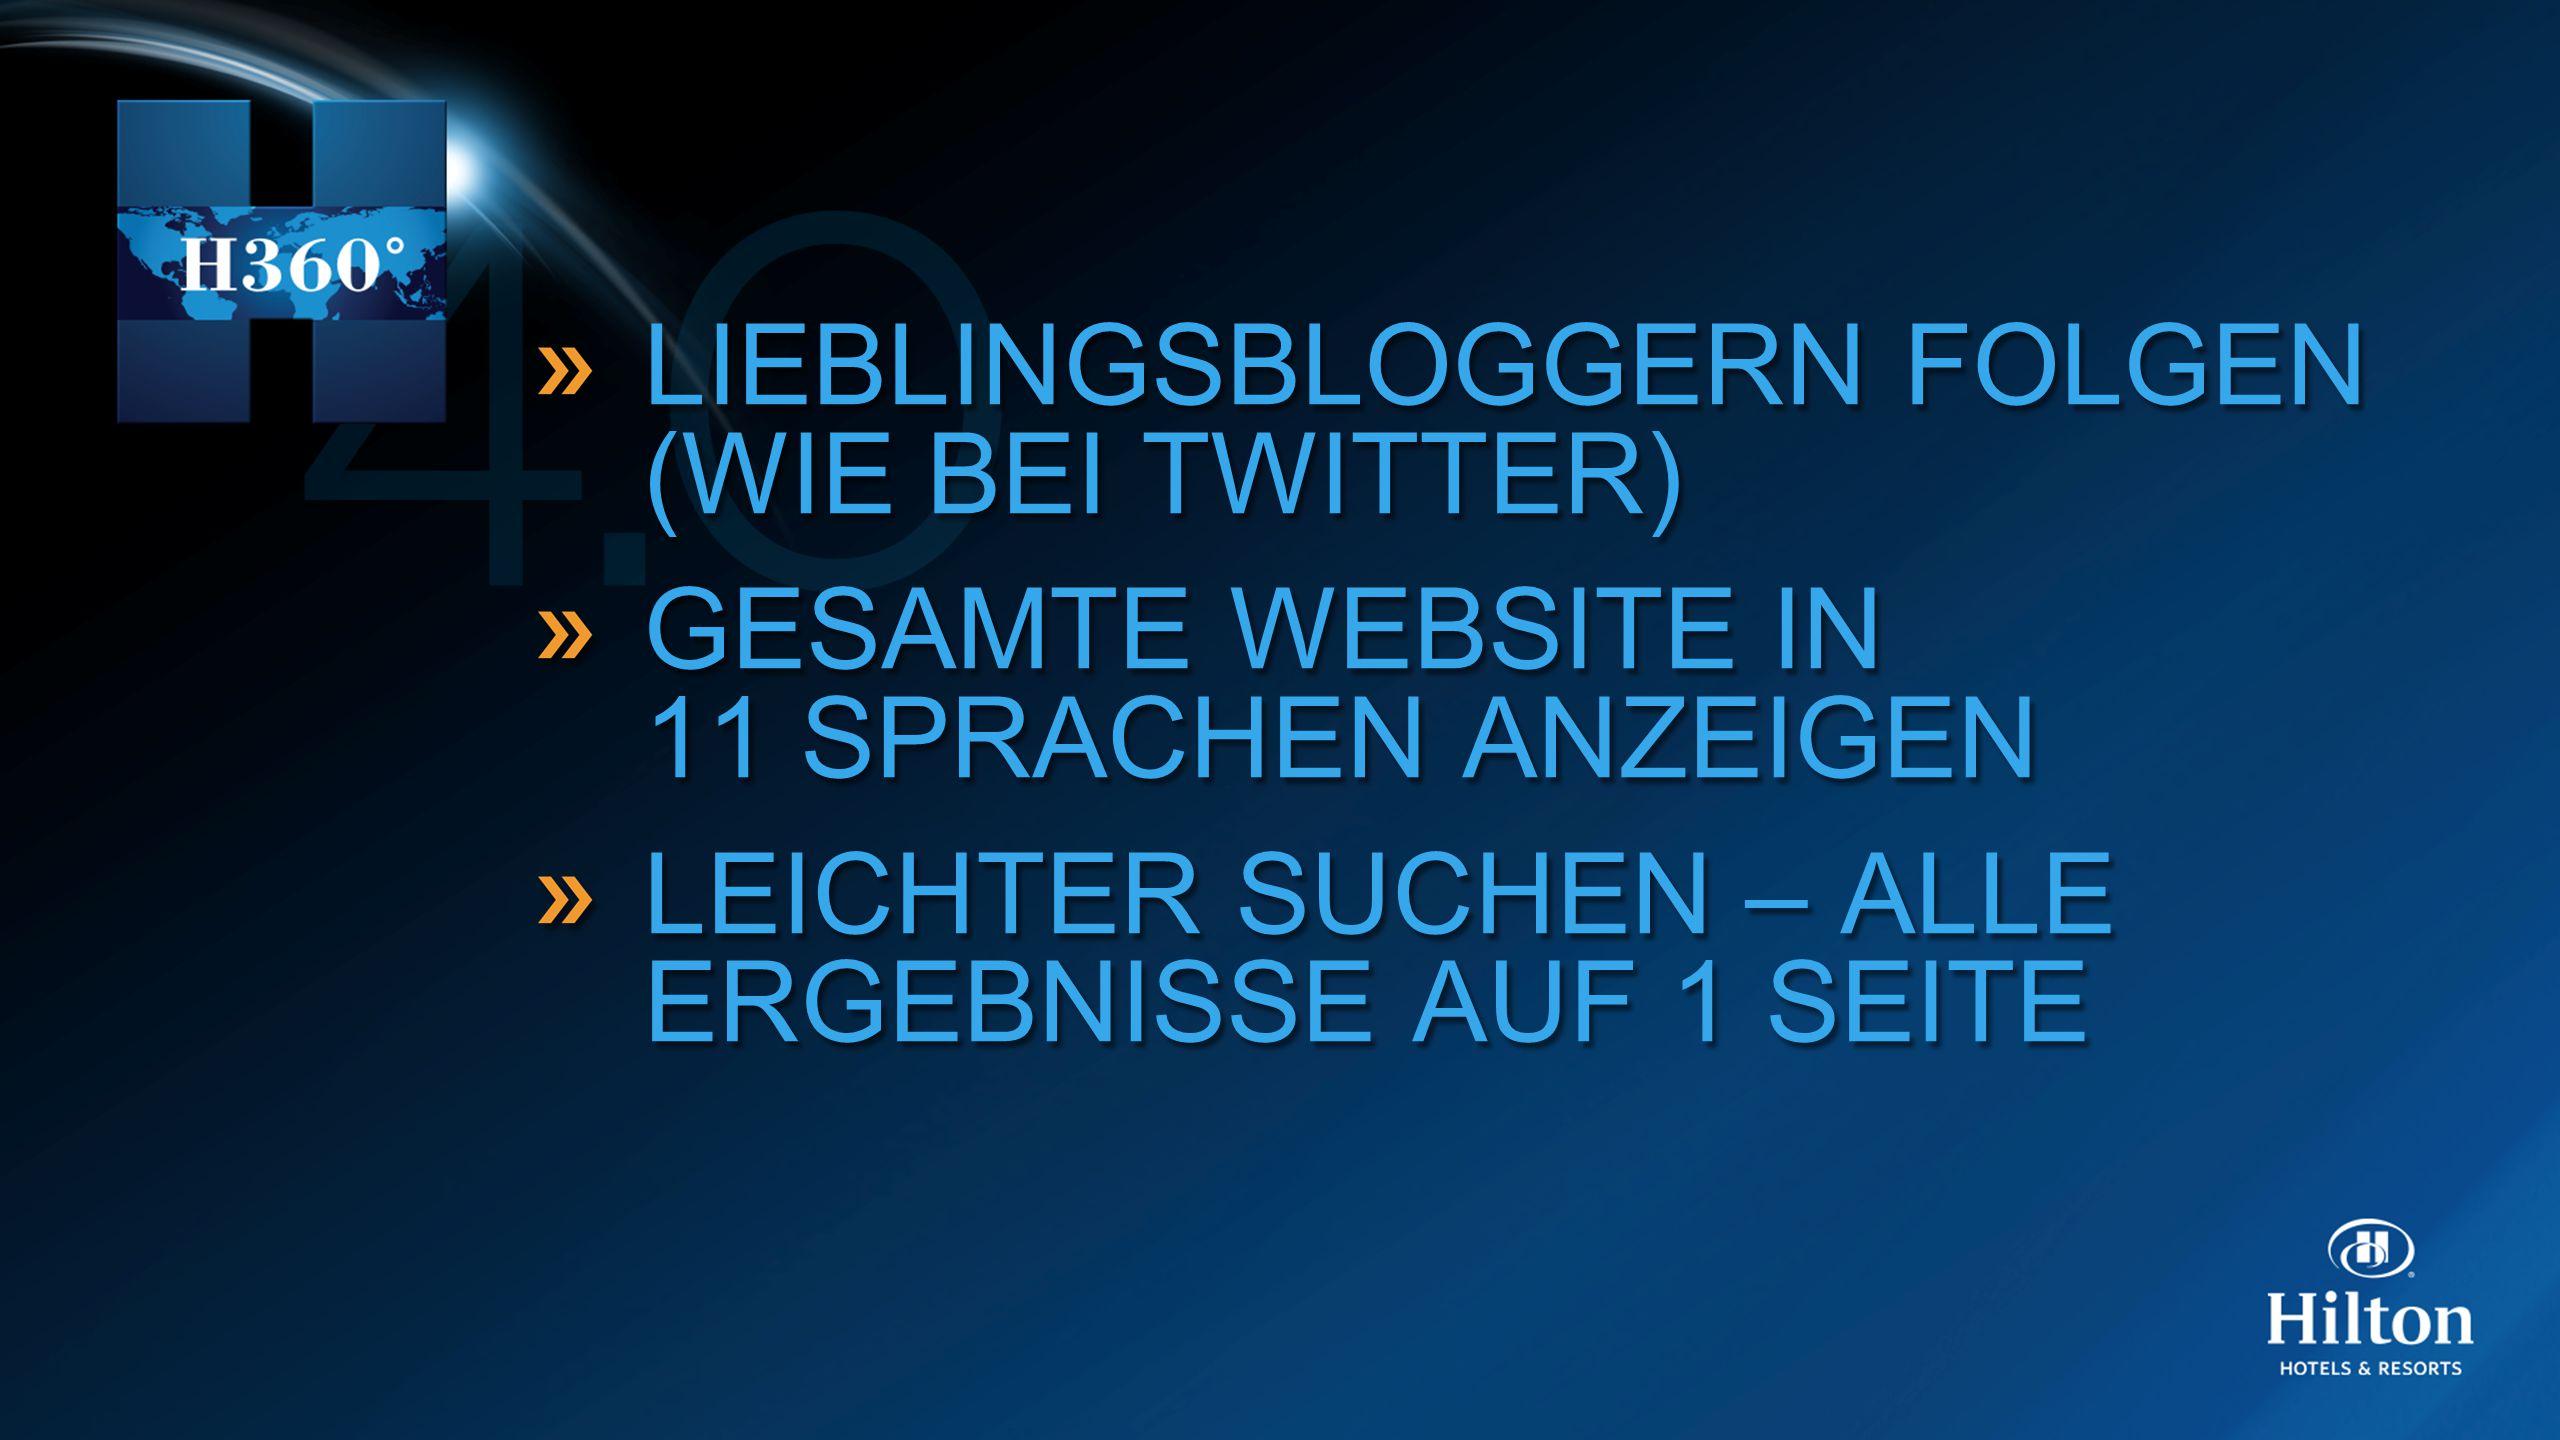 LIEBLINGSBLOGGERN FOLGEN (WIE BEI TWITTER) GESAMTE WEBSITE IN 11 SPRACHEN ANZEIGEN LEICHTER SUCHEN – ALLE ERGEBNISSE AUF 1 SEITE LIEBLINGSBLOGGERN FOL